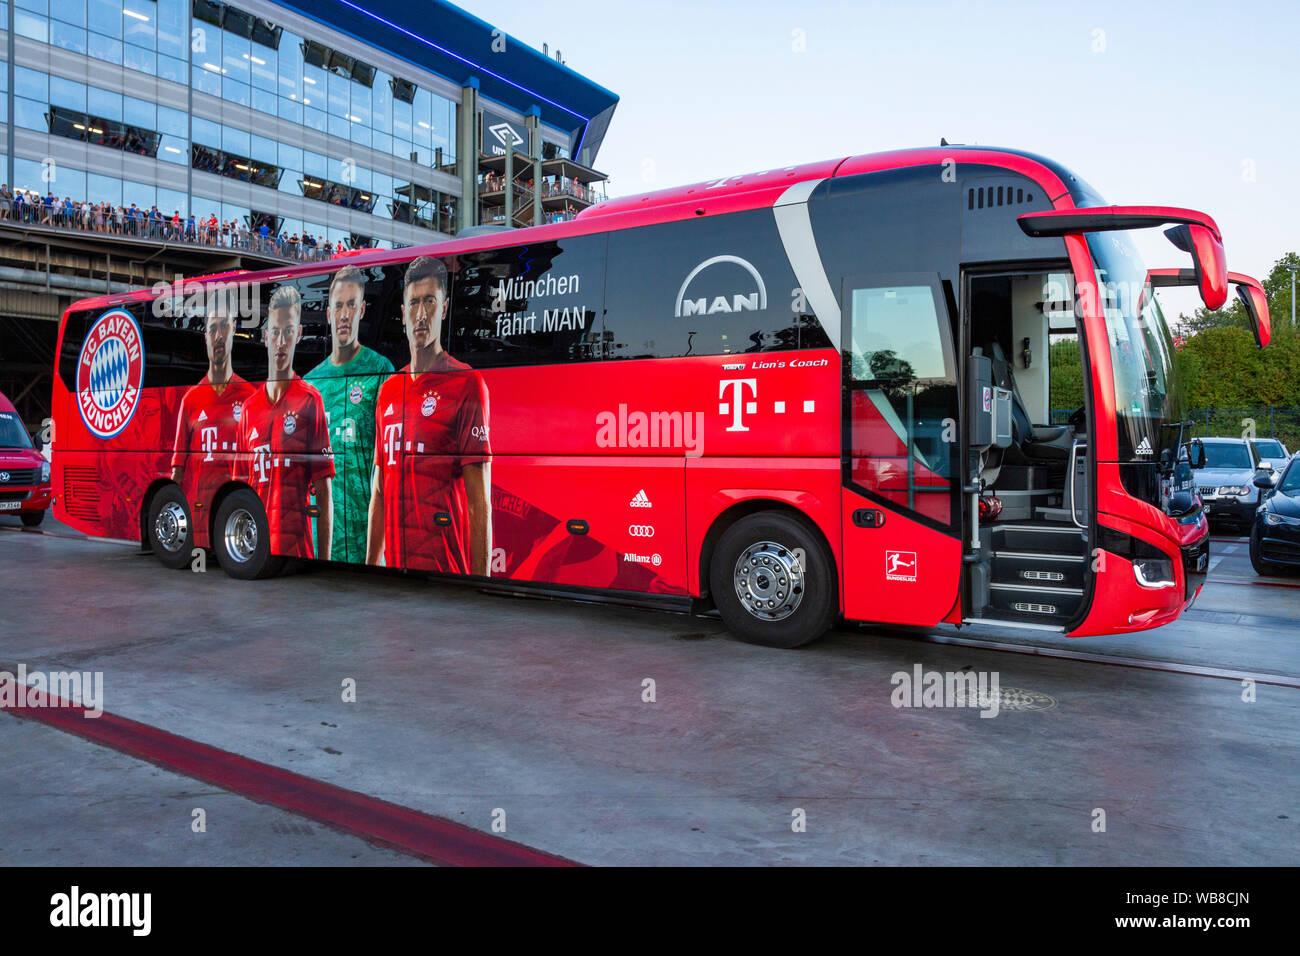 Bayern 3 Bayern Bus